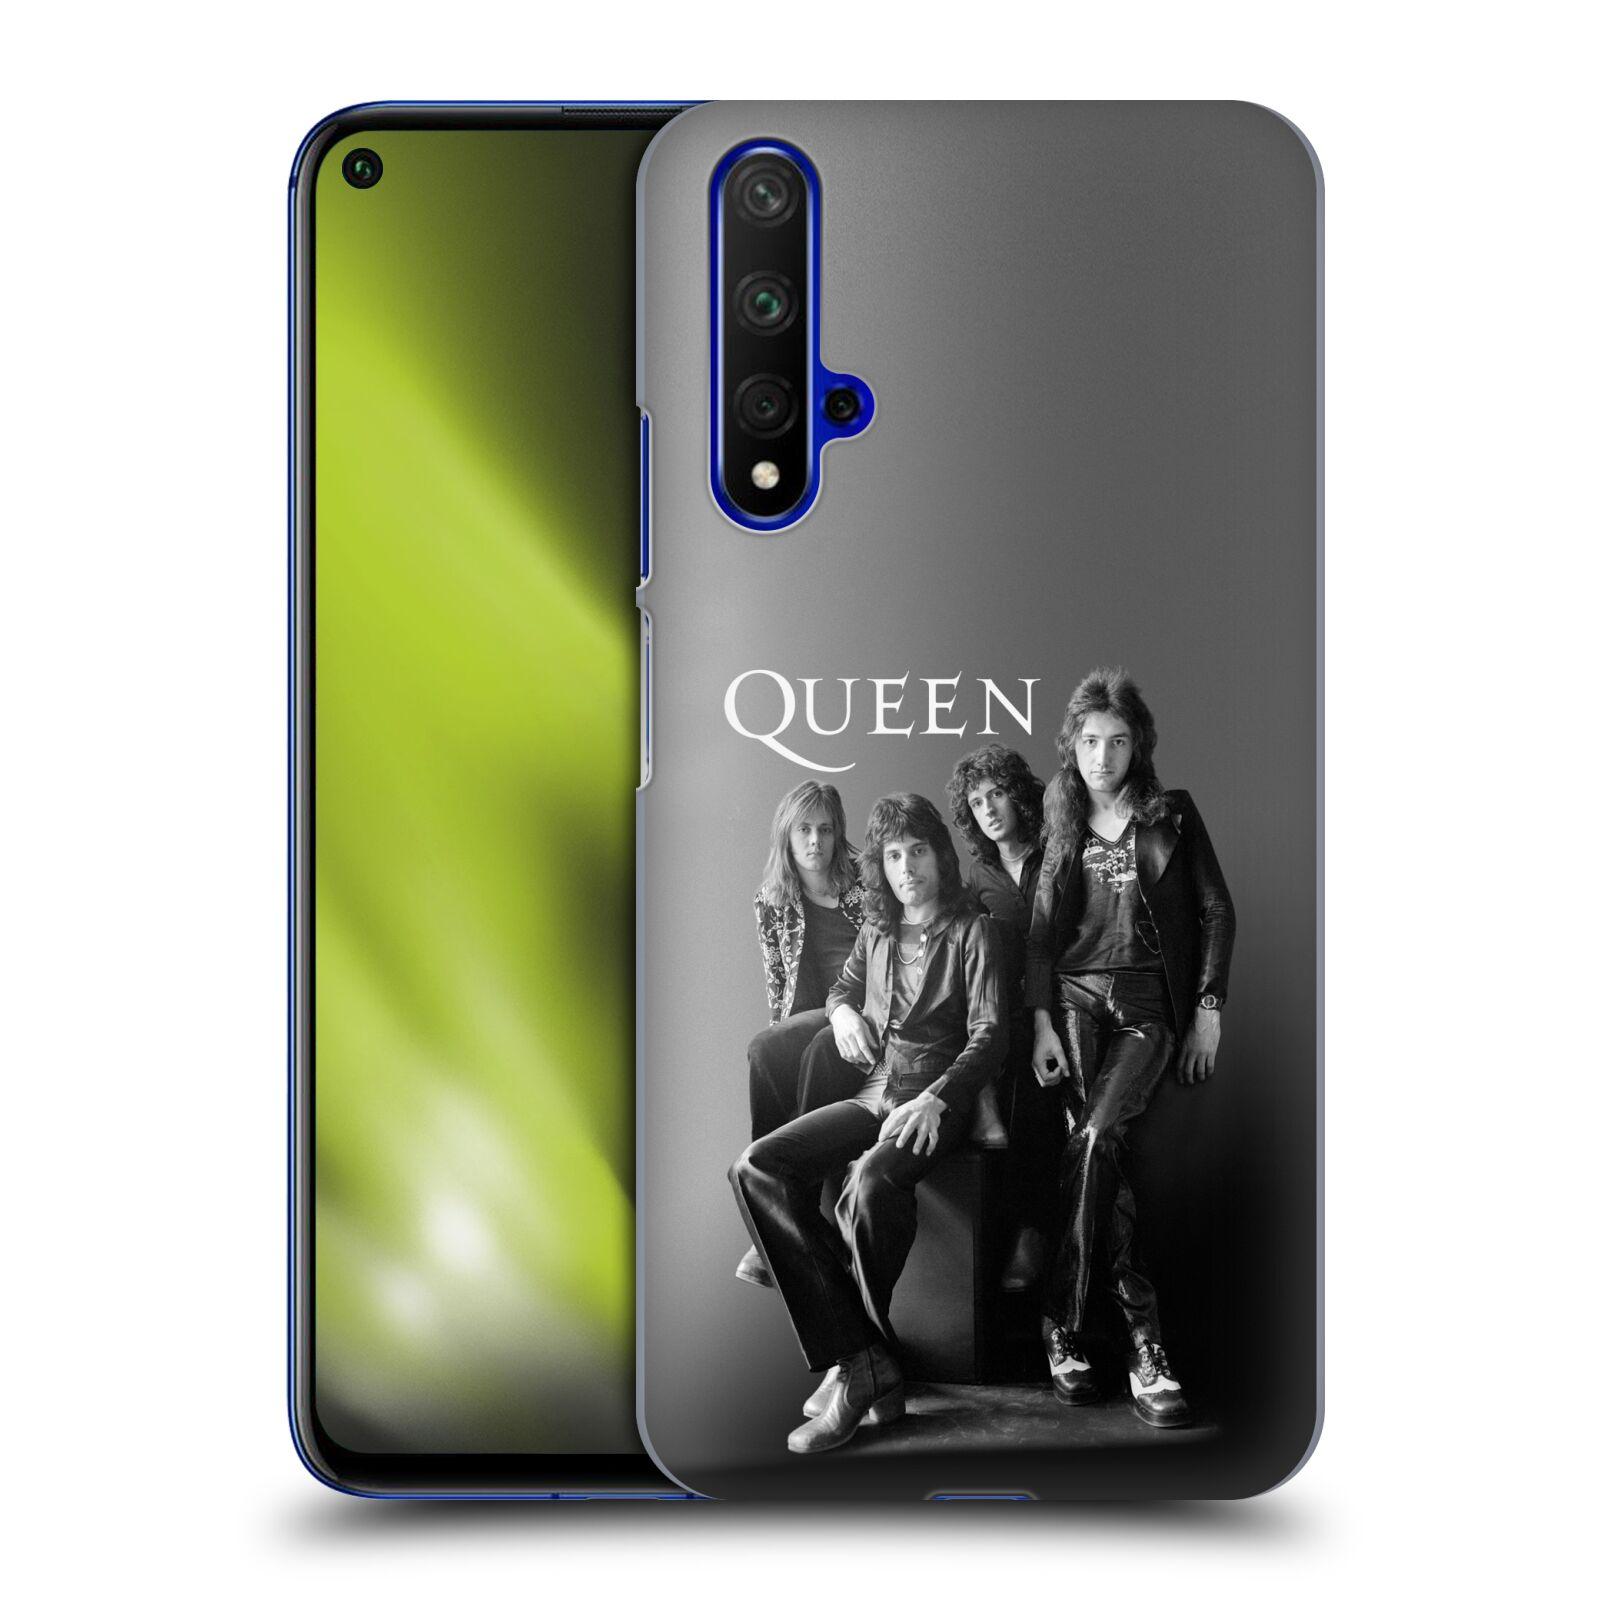 Plastové pouzdro na mobil Honor 20 - Head Case - Queen - Skupina